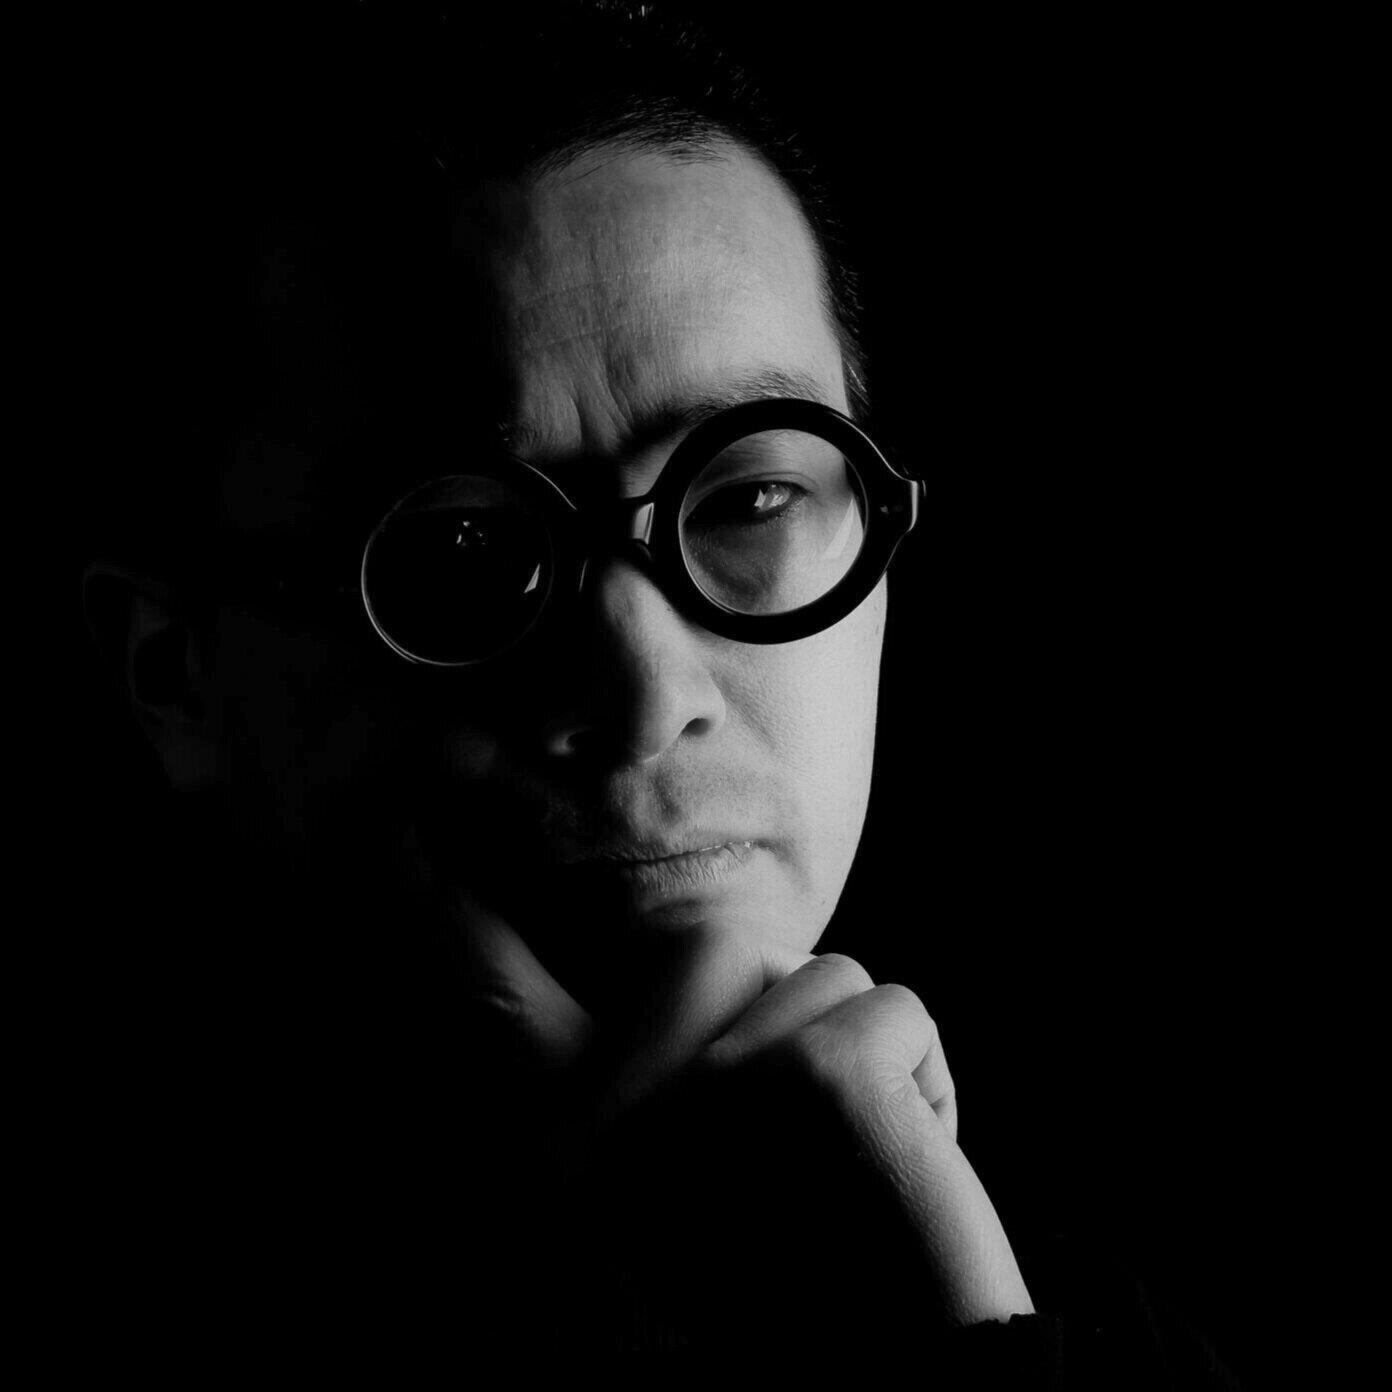 Takehito Etani. Photo by Myrtle Photography